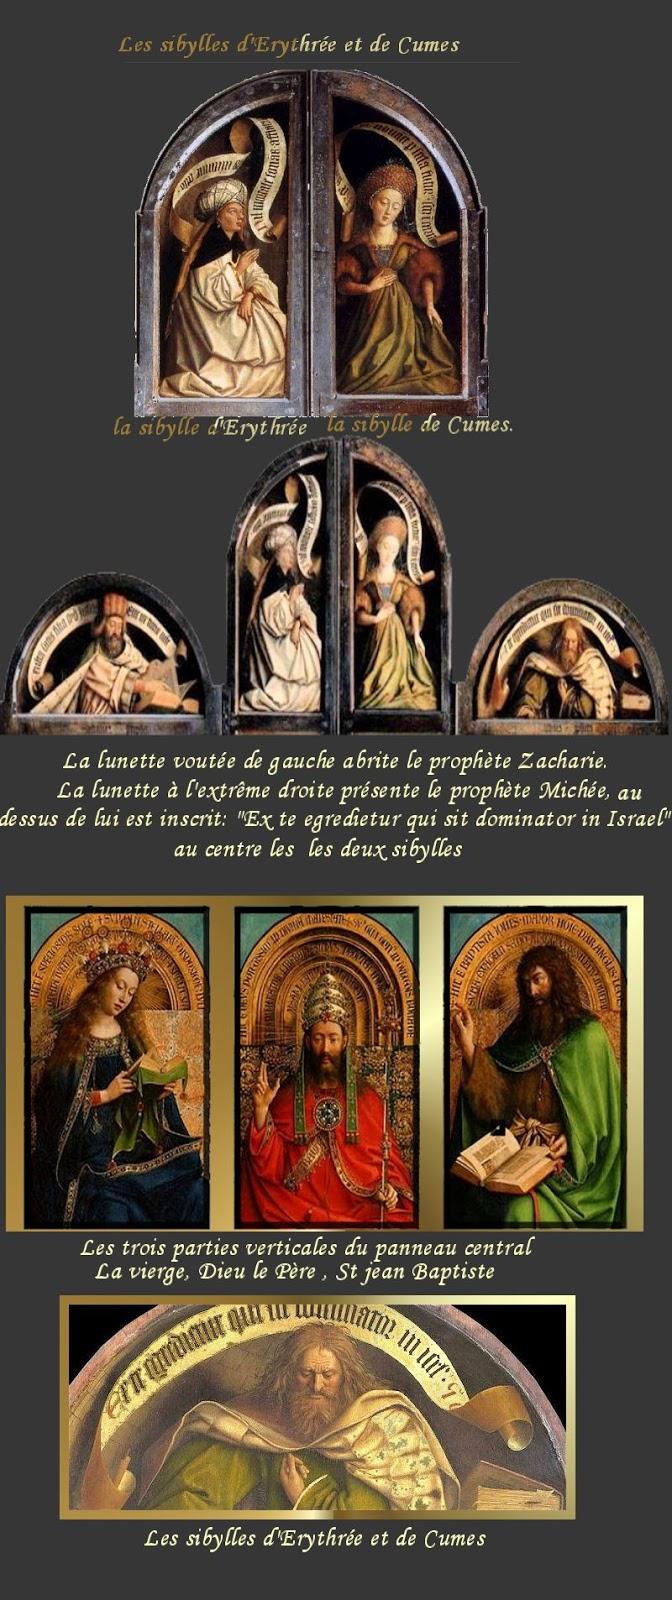 art, flemeish painters,retable, peinture flamande ,sibylles ,Erythrée , Cumes,prophète Michée,